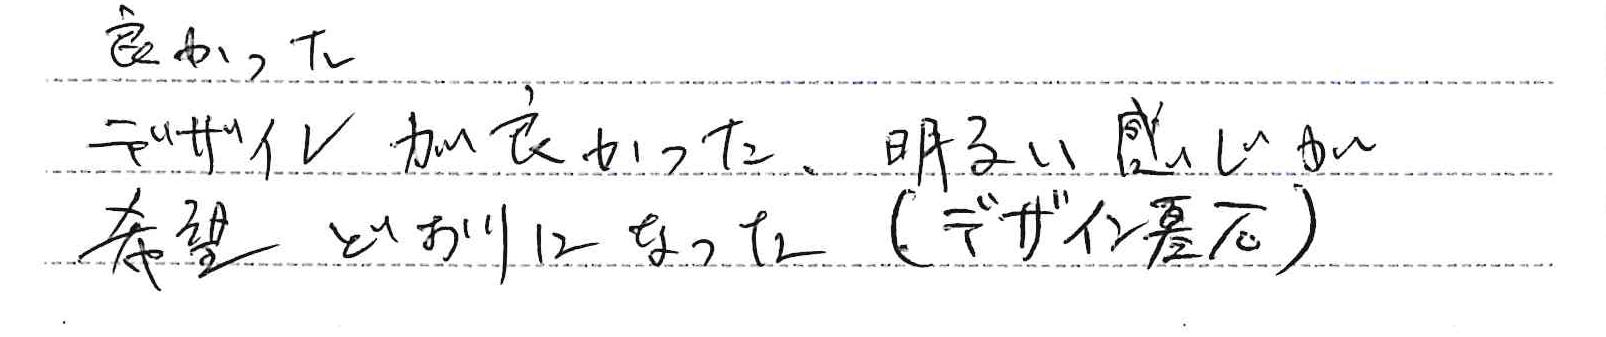 手書きアンケート結果